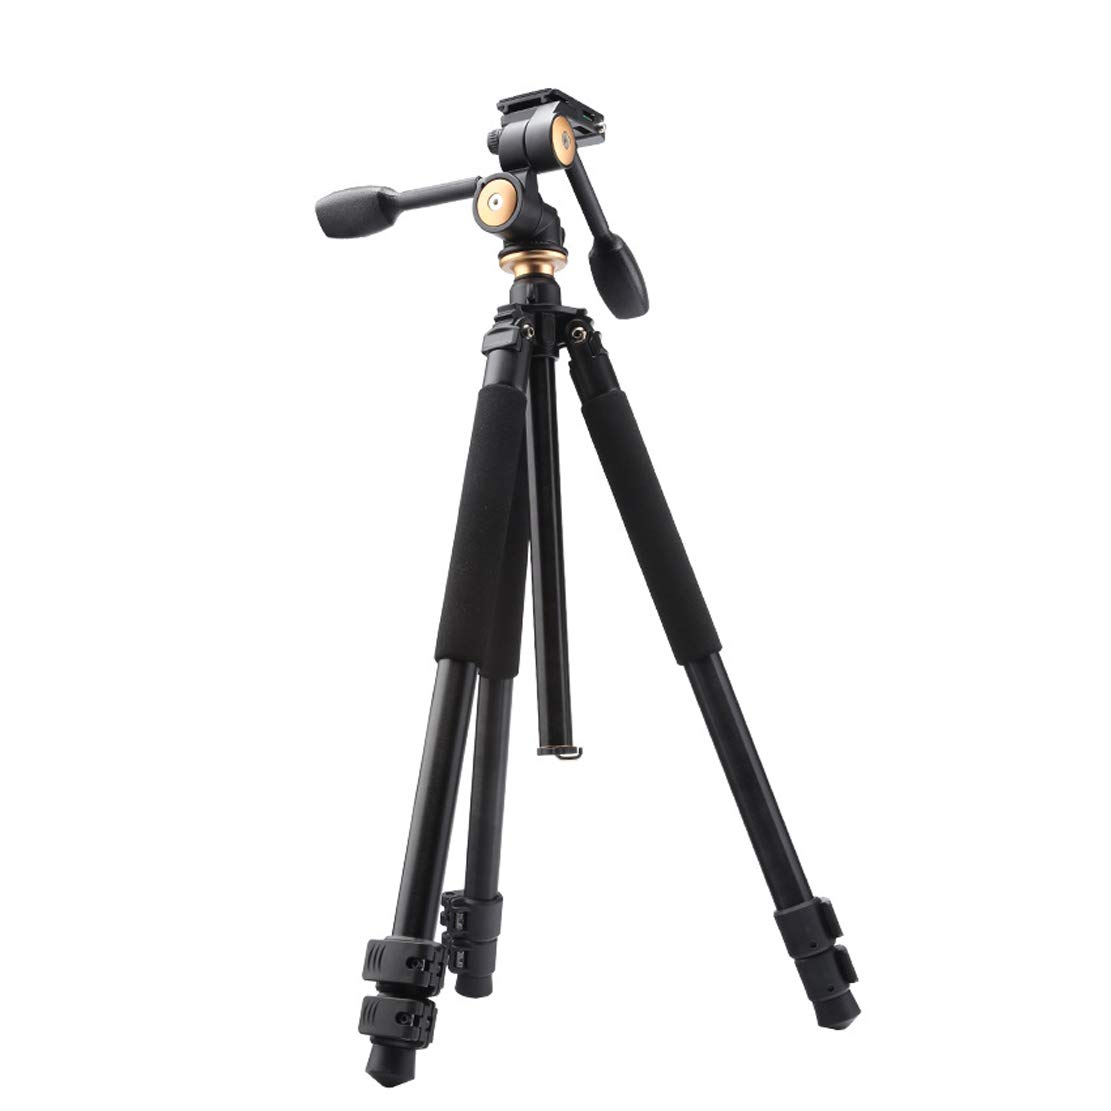 旅行 三脚 高品質アルミ合金素材格納式高さ67-172 cmモデルに適応 DSR Slr Nikon Canon Sonyその他のカメラ機器(推奨ベアリング310kgブラック)   B07R5ZSP6H